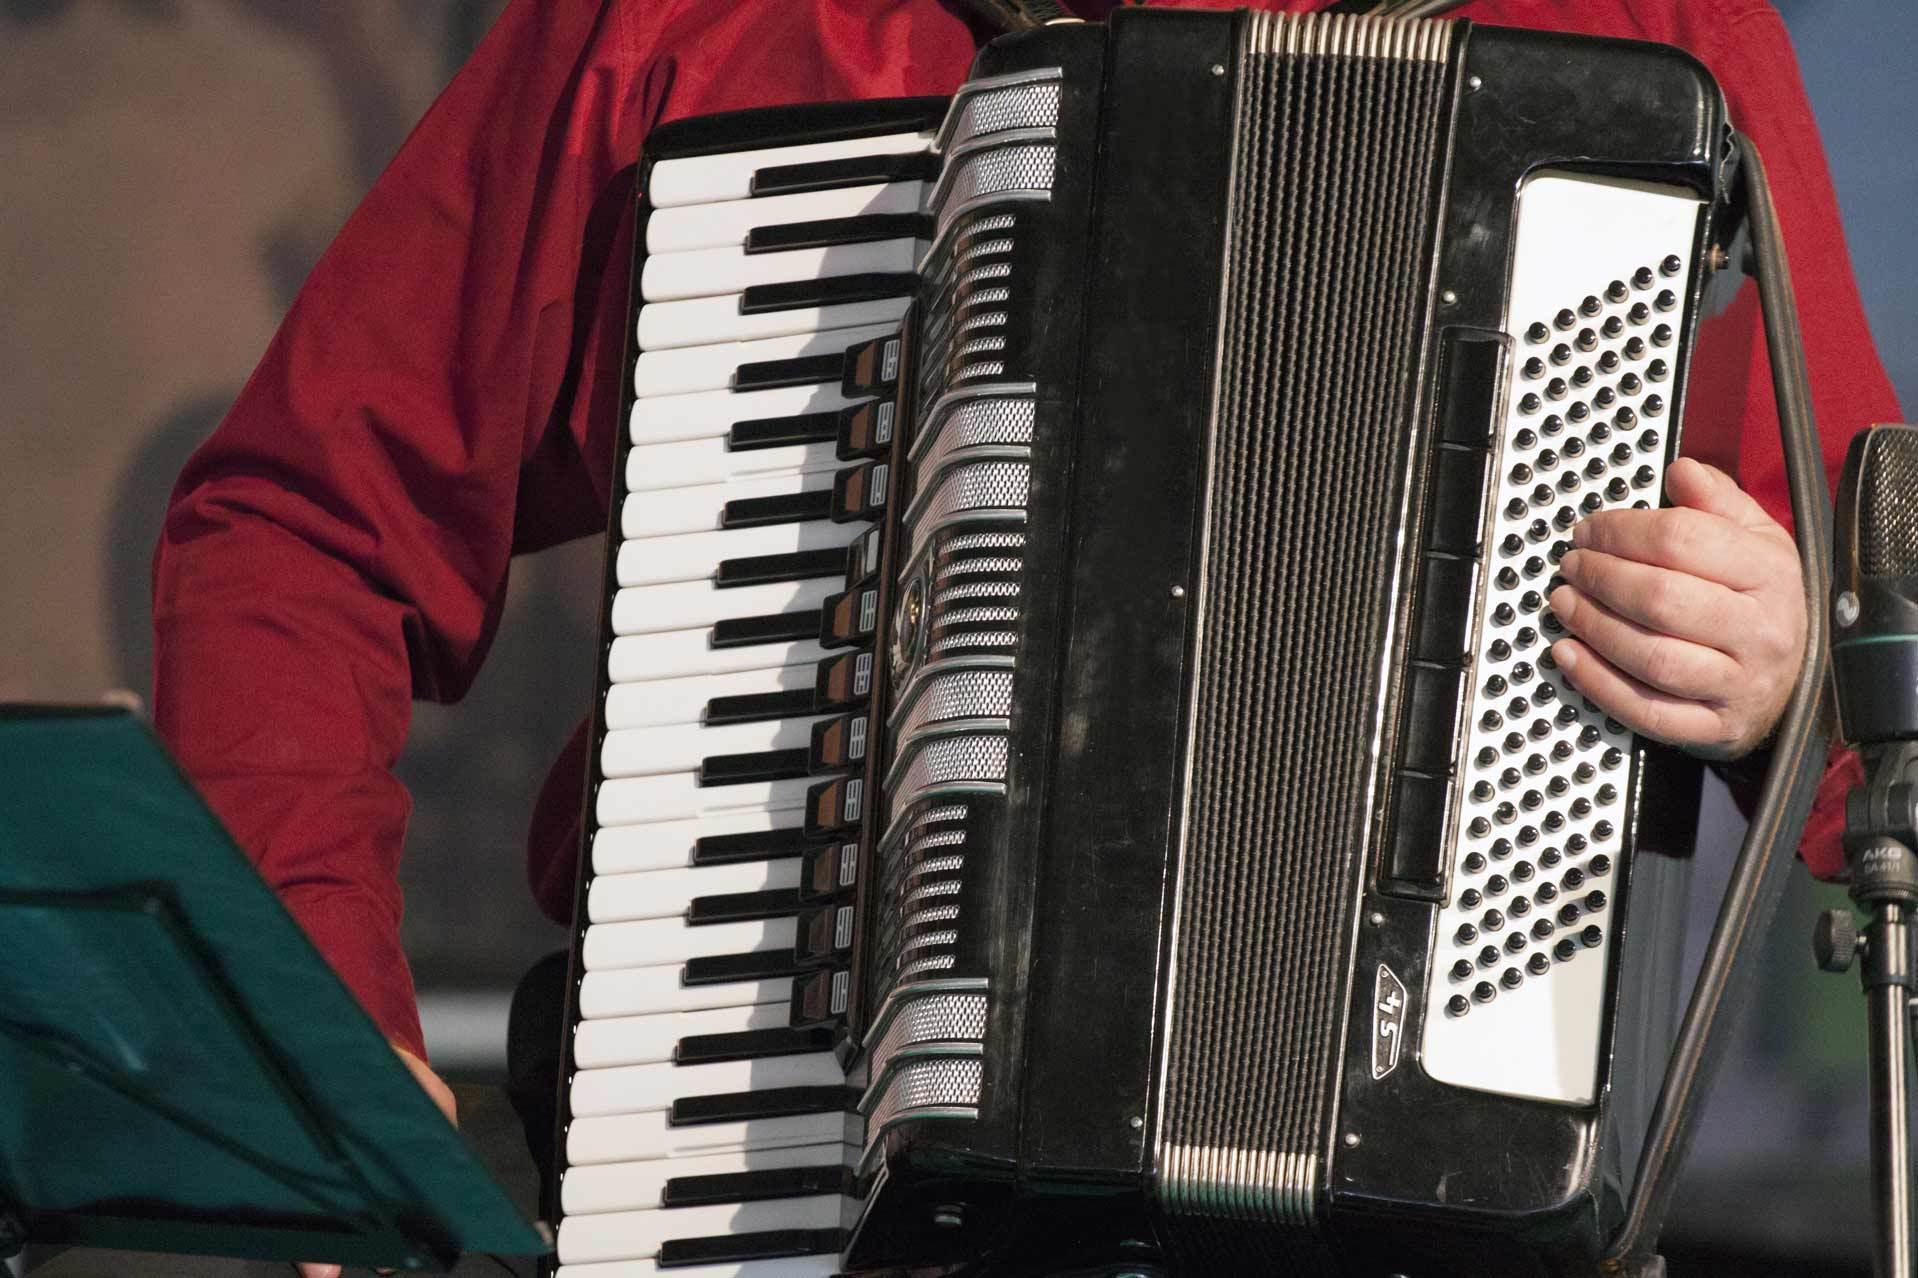 Klavirska-harmonika